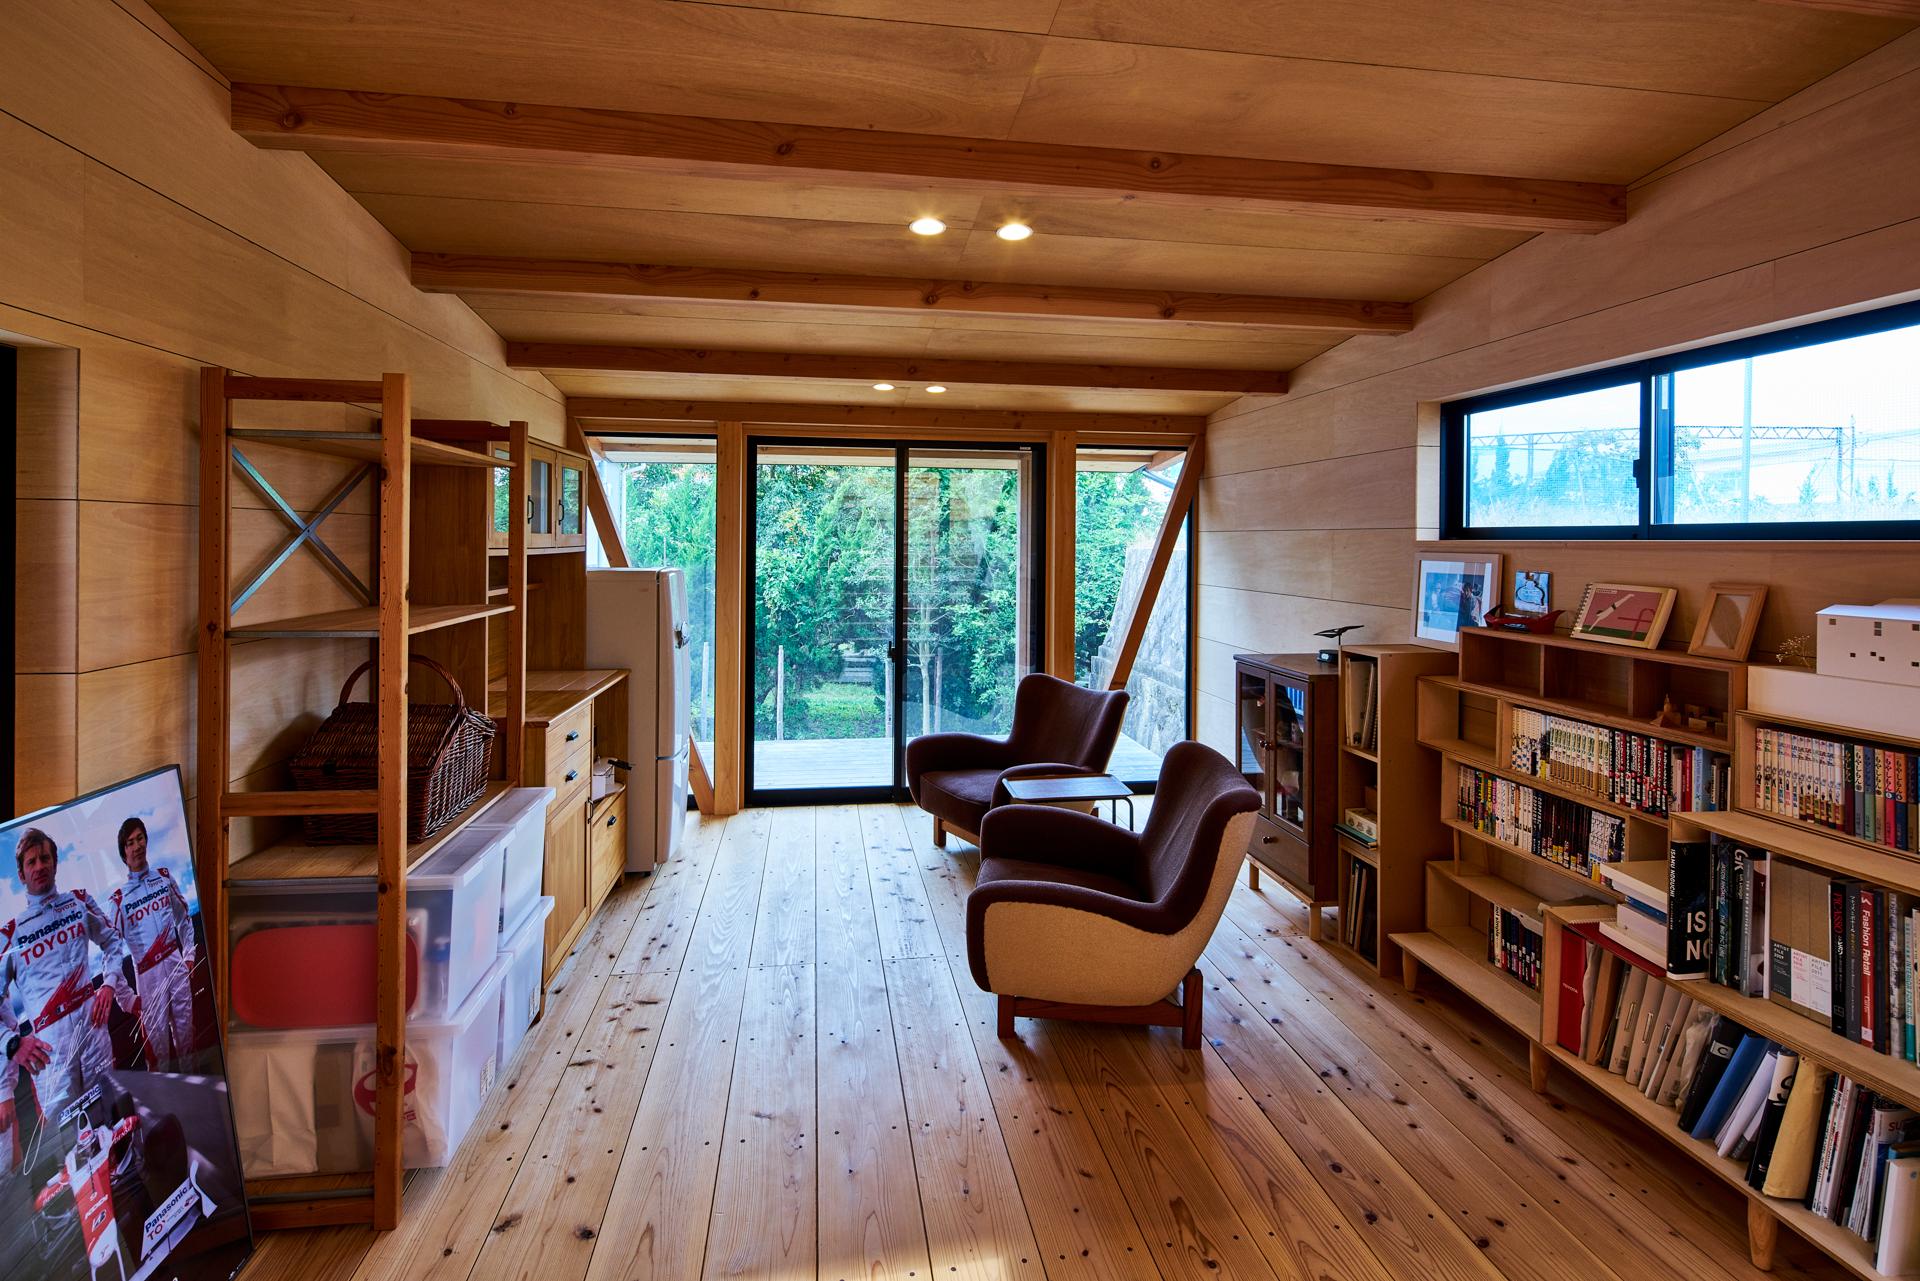 西魚の家_梶浦環境建築設計事務所